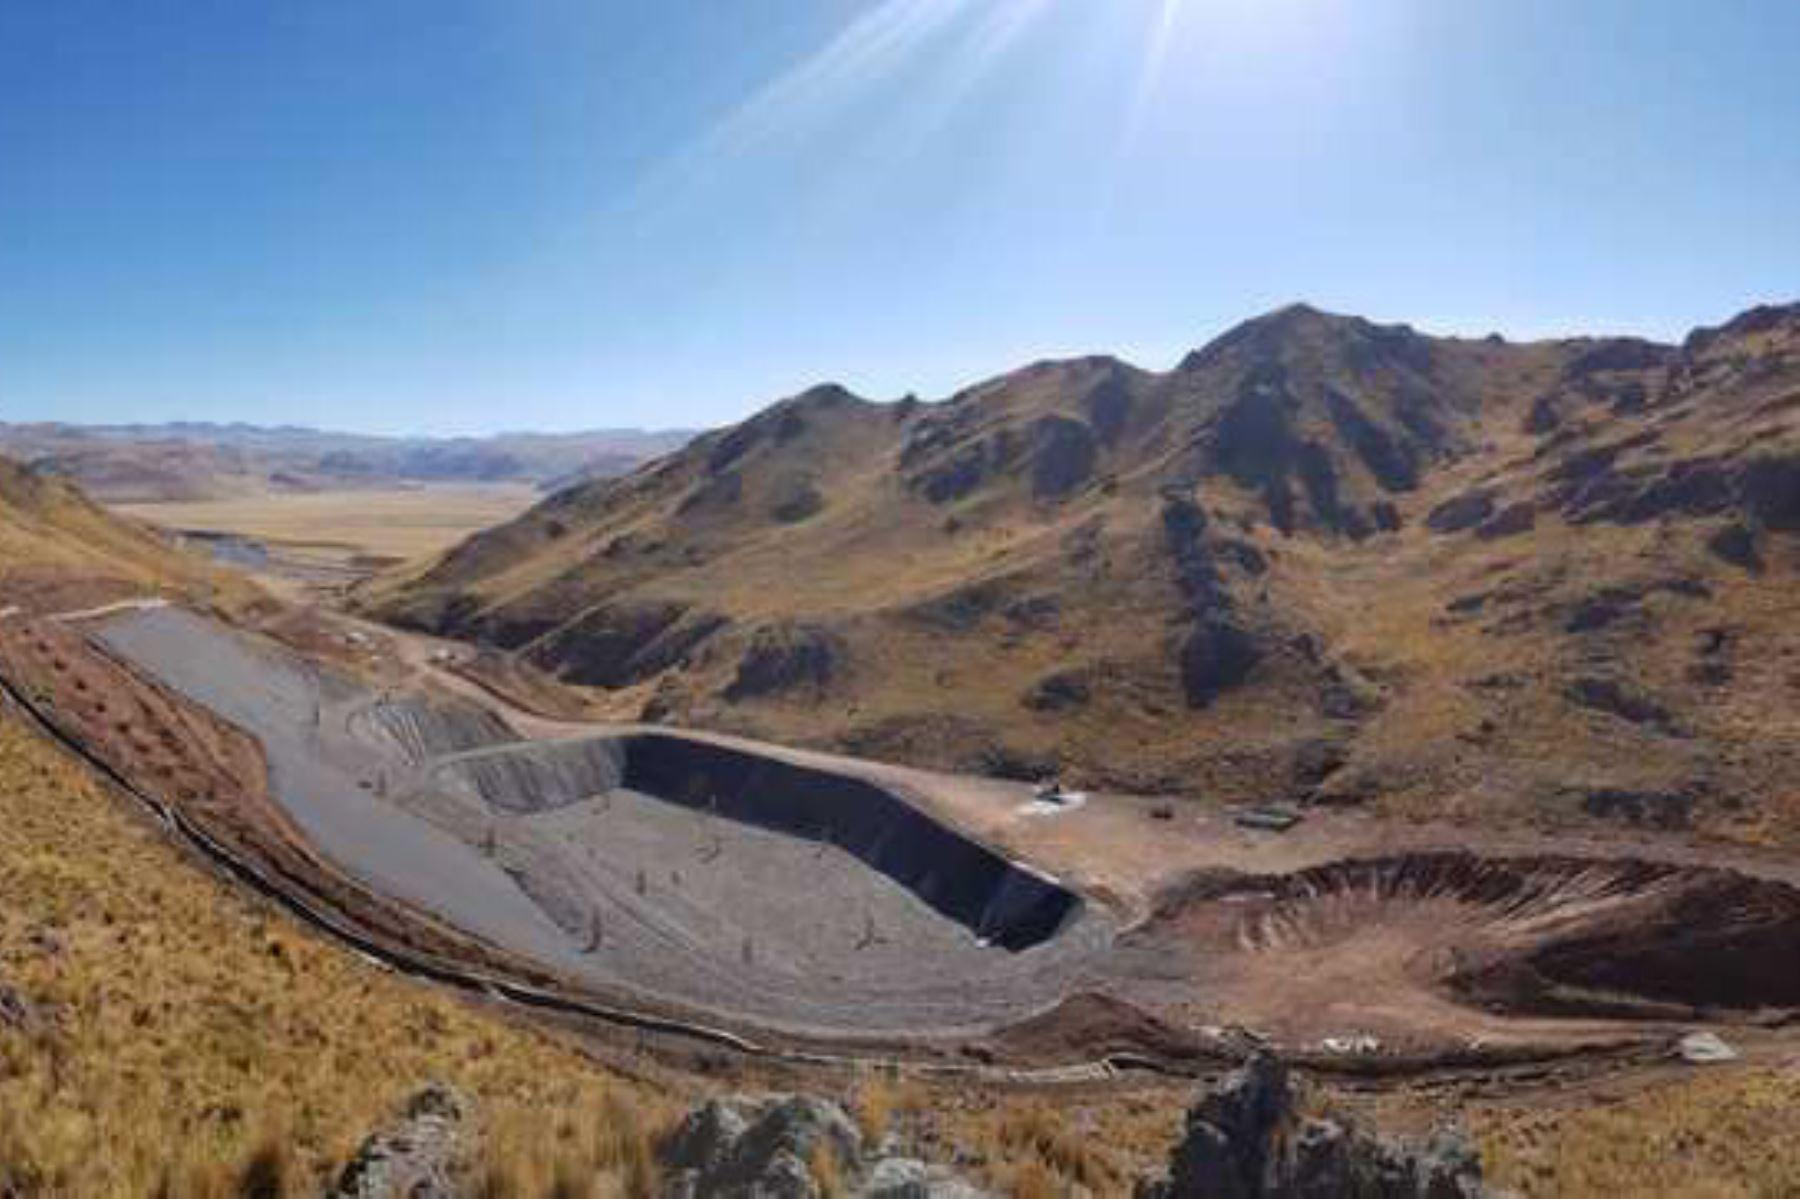 Ministerio del Ambiente apoya la construcción de celda transitoria para disposición de residuos sólidos de la provincia de San Román, en Puno.